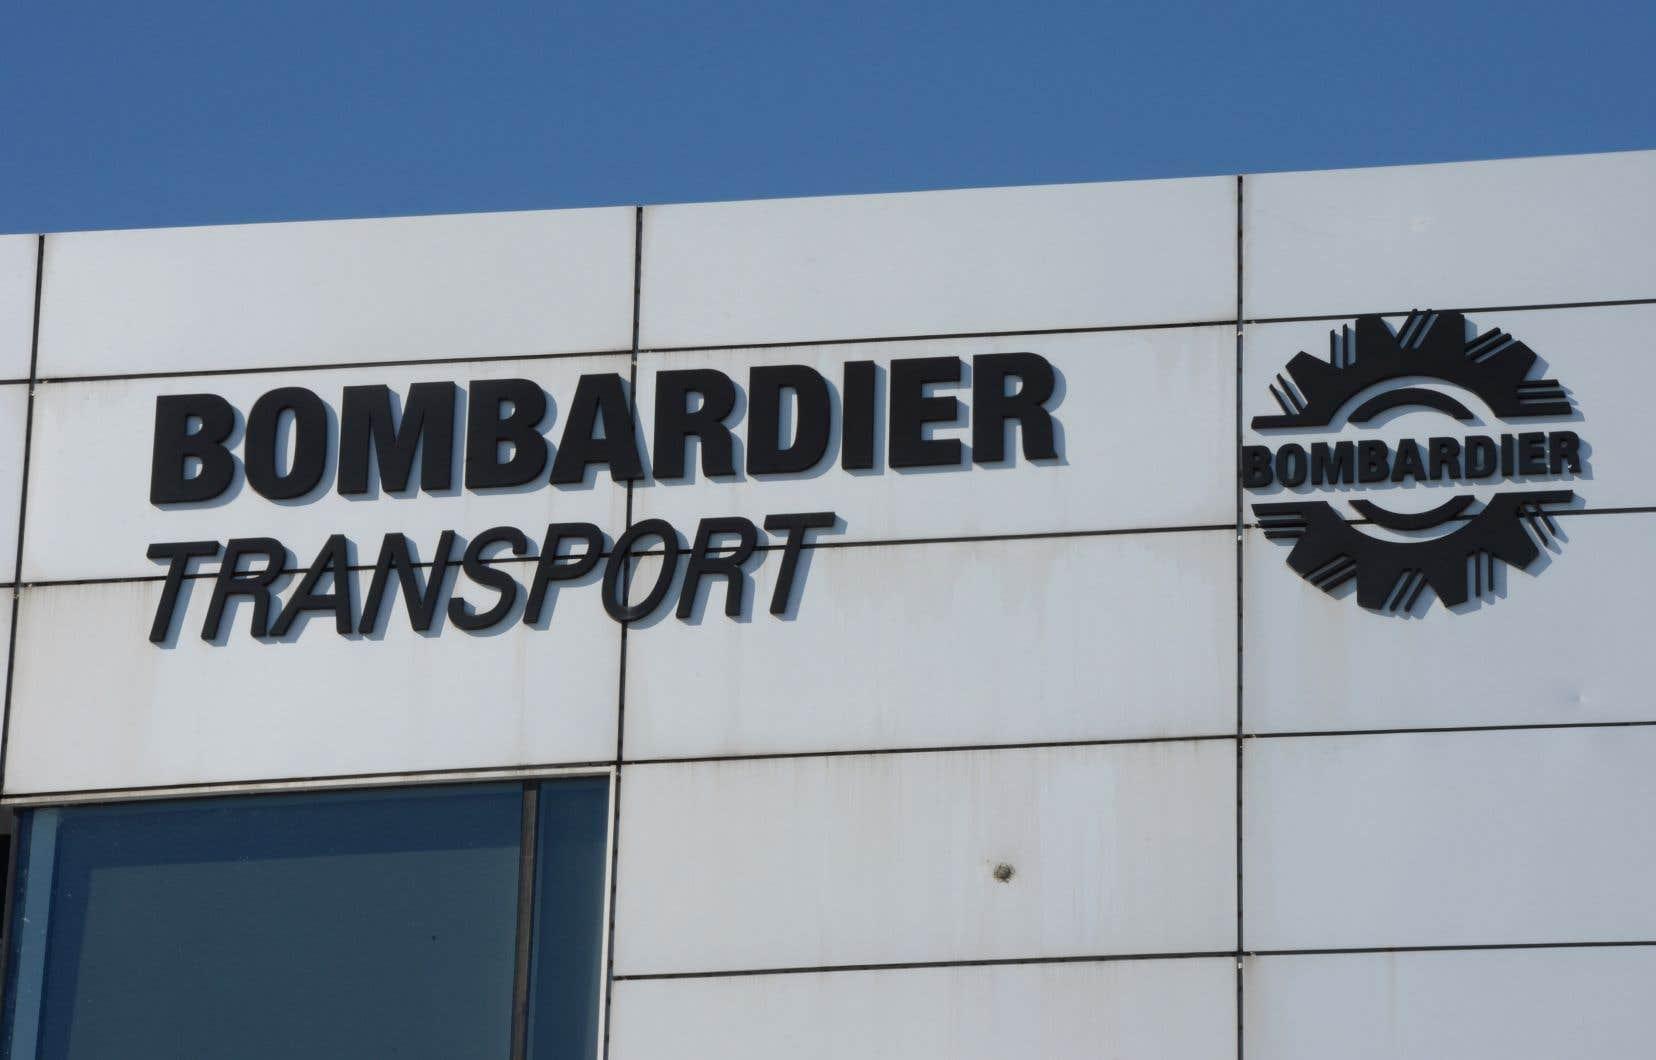 La vente de Bombardier Transport à Alstom, qui a reçu le feu vert de la Commission européenne, doit également obtenir l'aval du Canada, des États-Unis, de la Chine et de l'Inde.